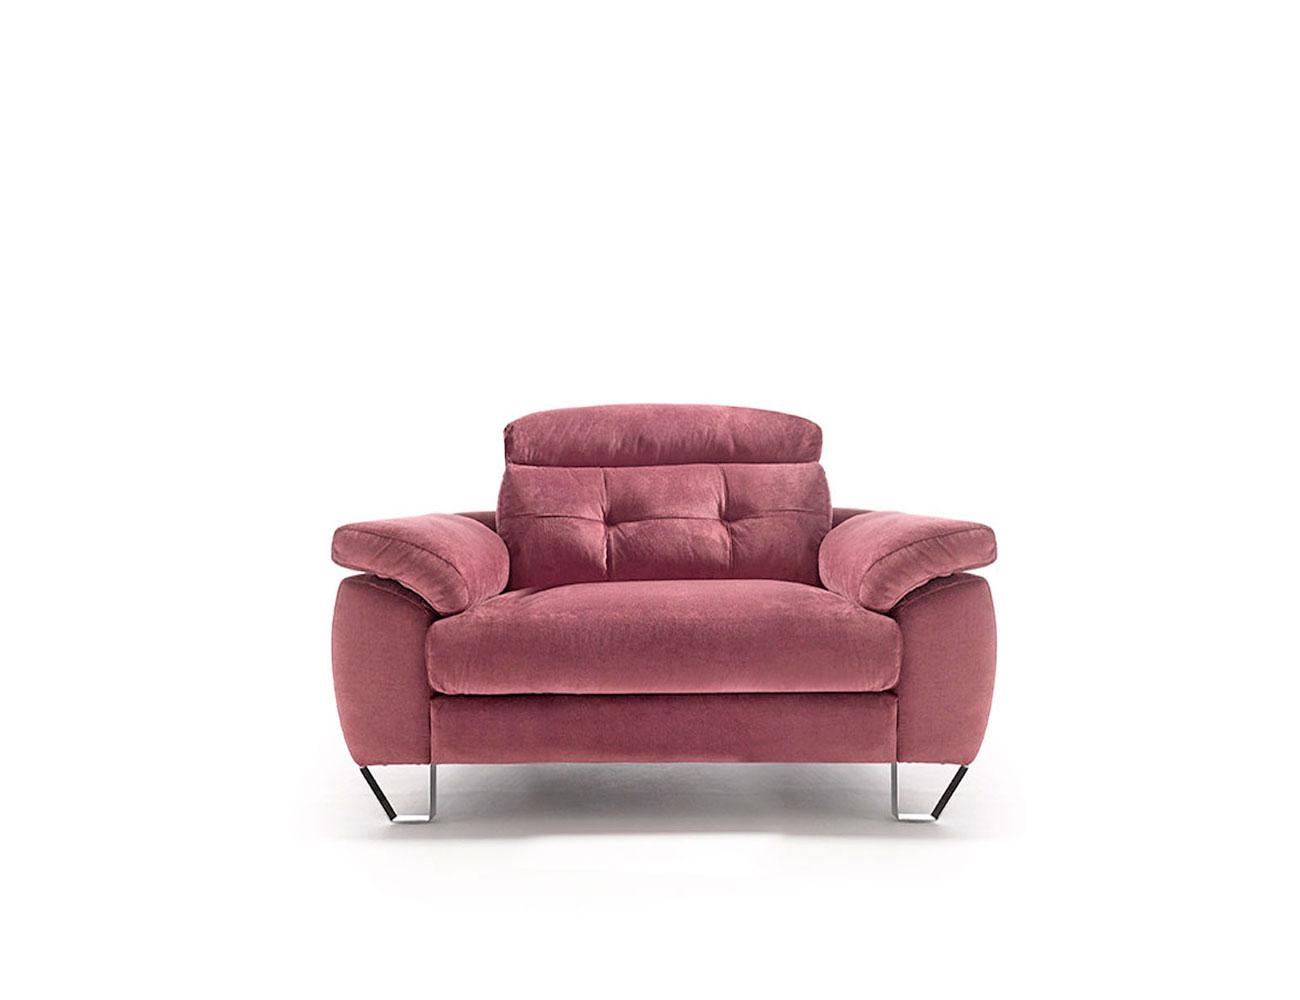 Sofa1p